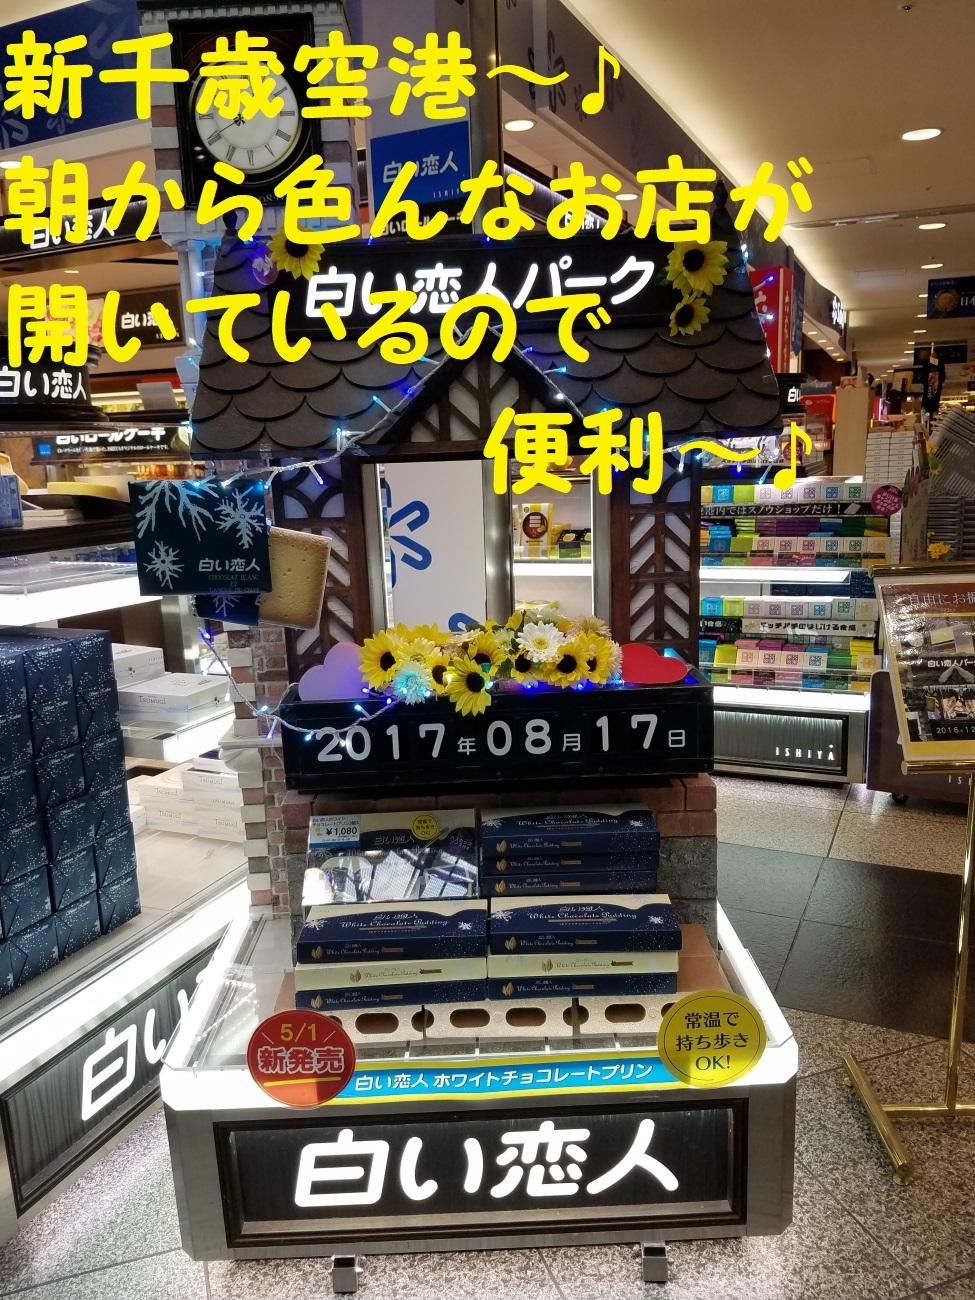 20170817_080500.jpg